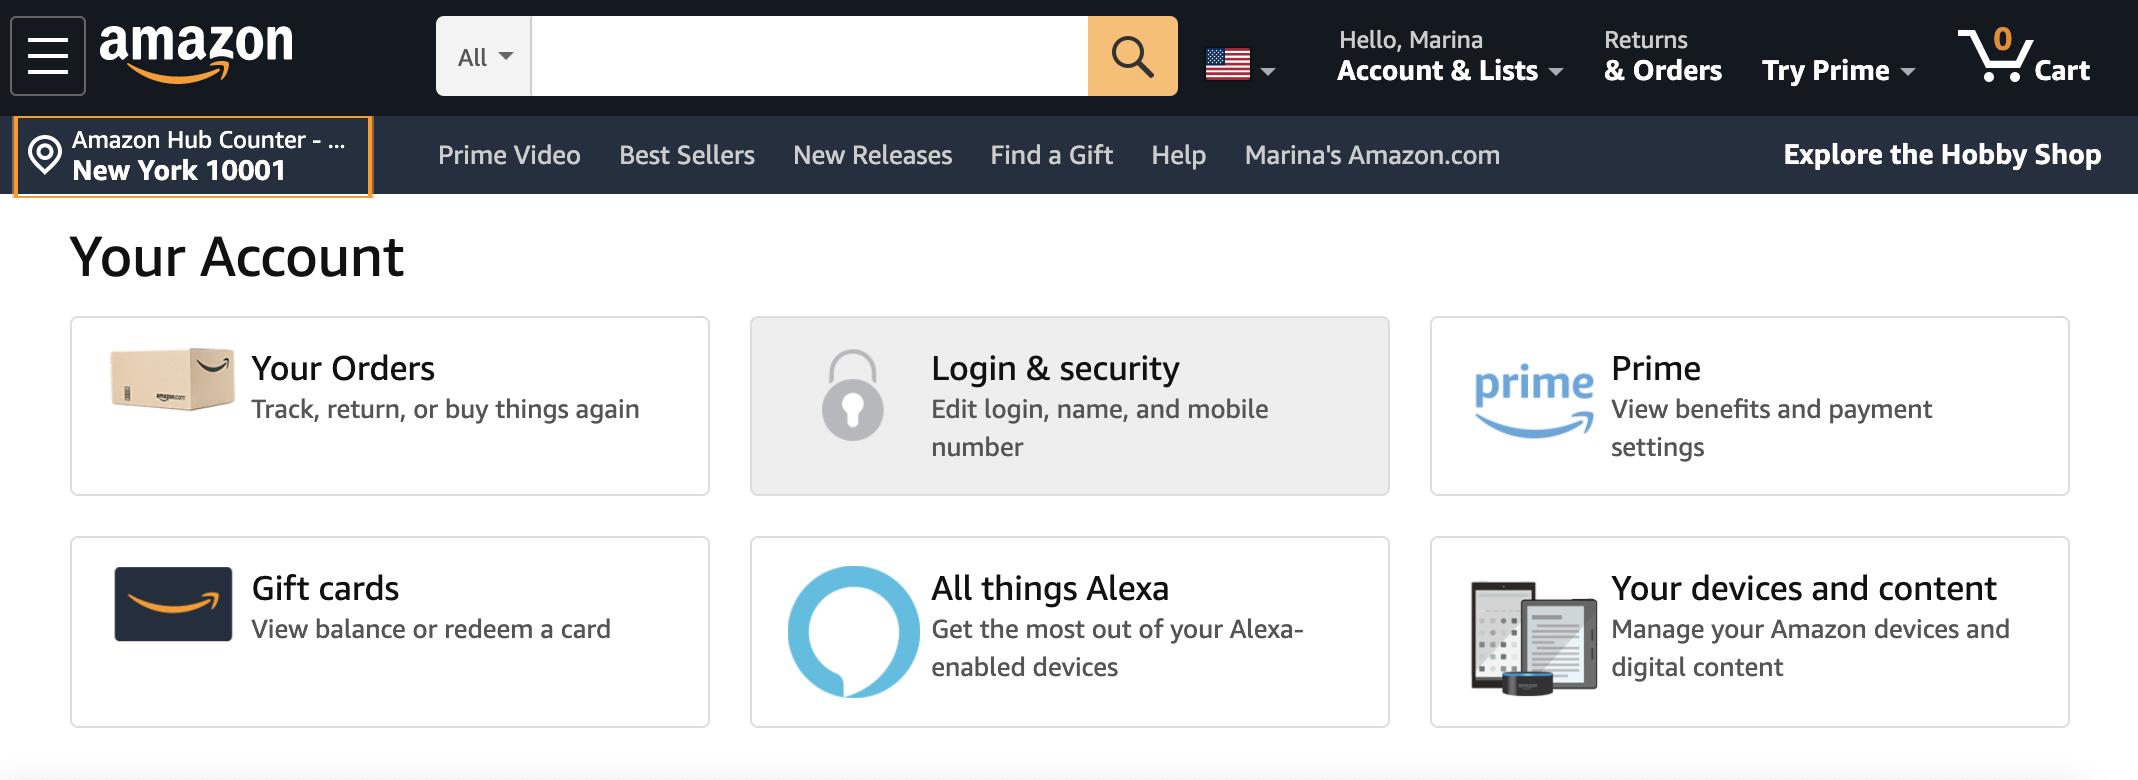 Amazon.com account